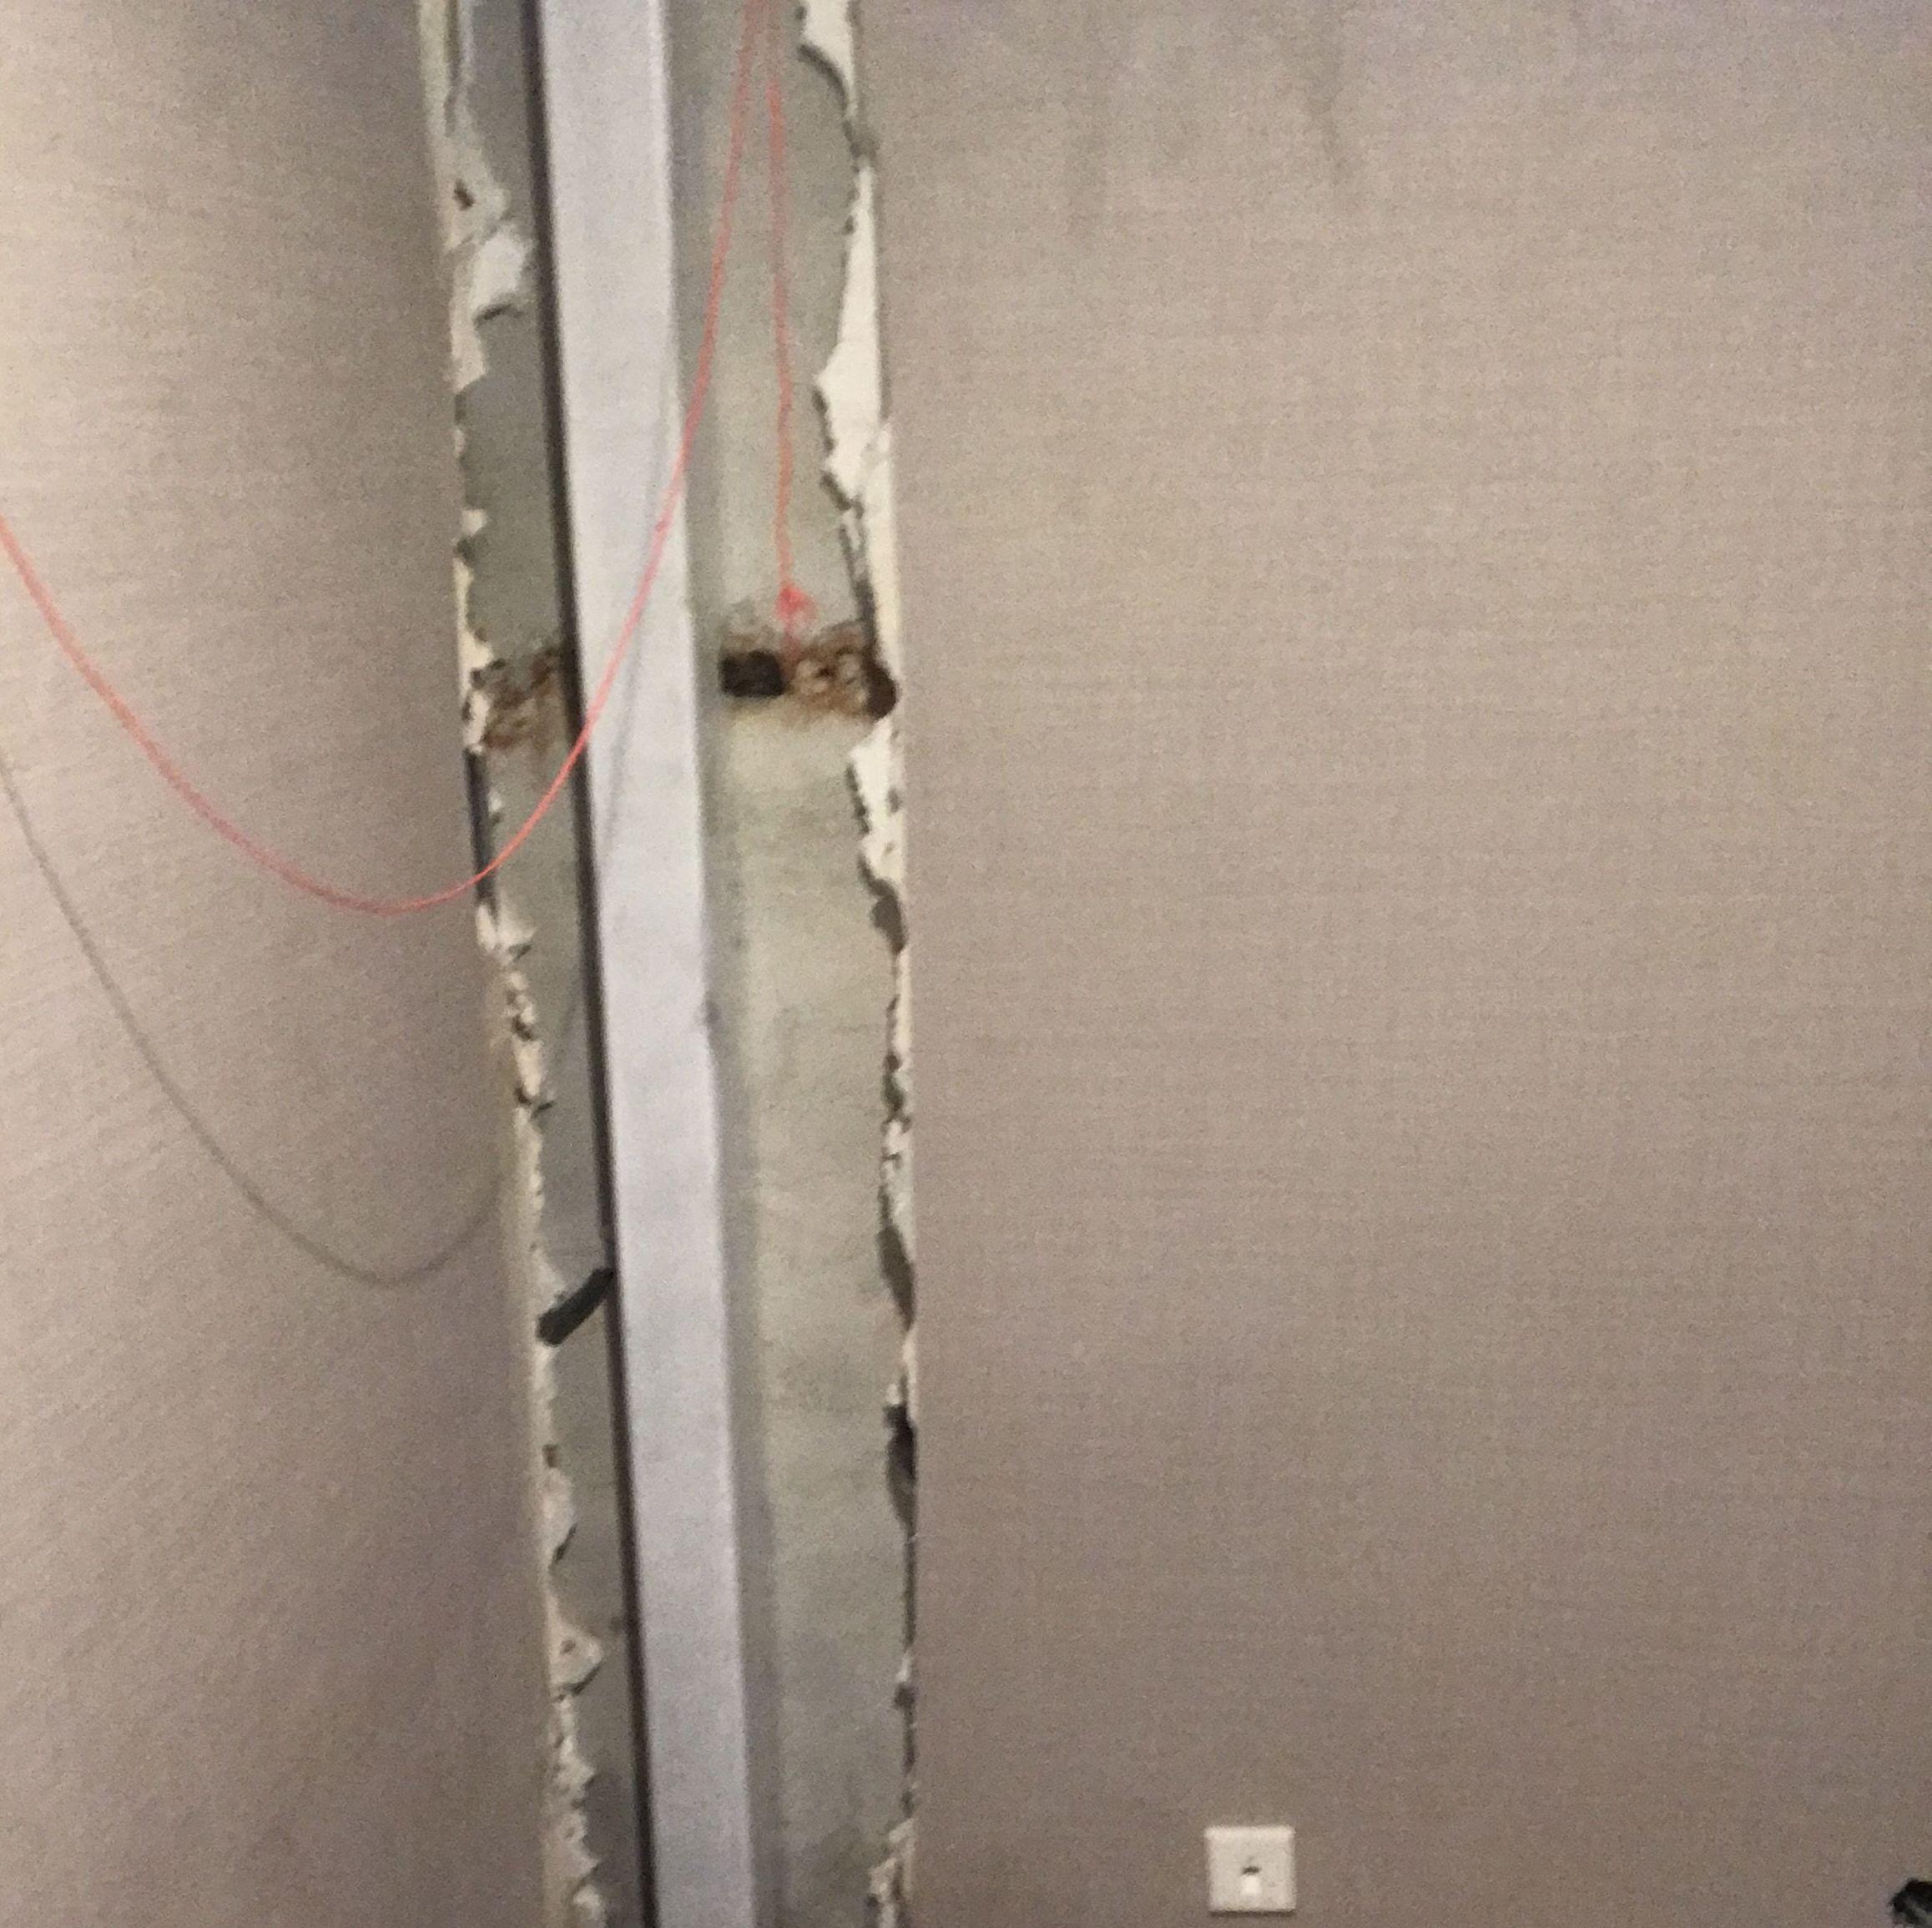 Reestructura metálica en interior de edificios. La Moraleja (Madrid)